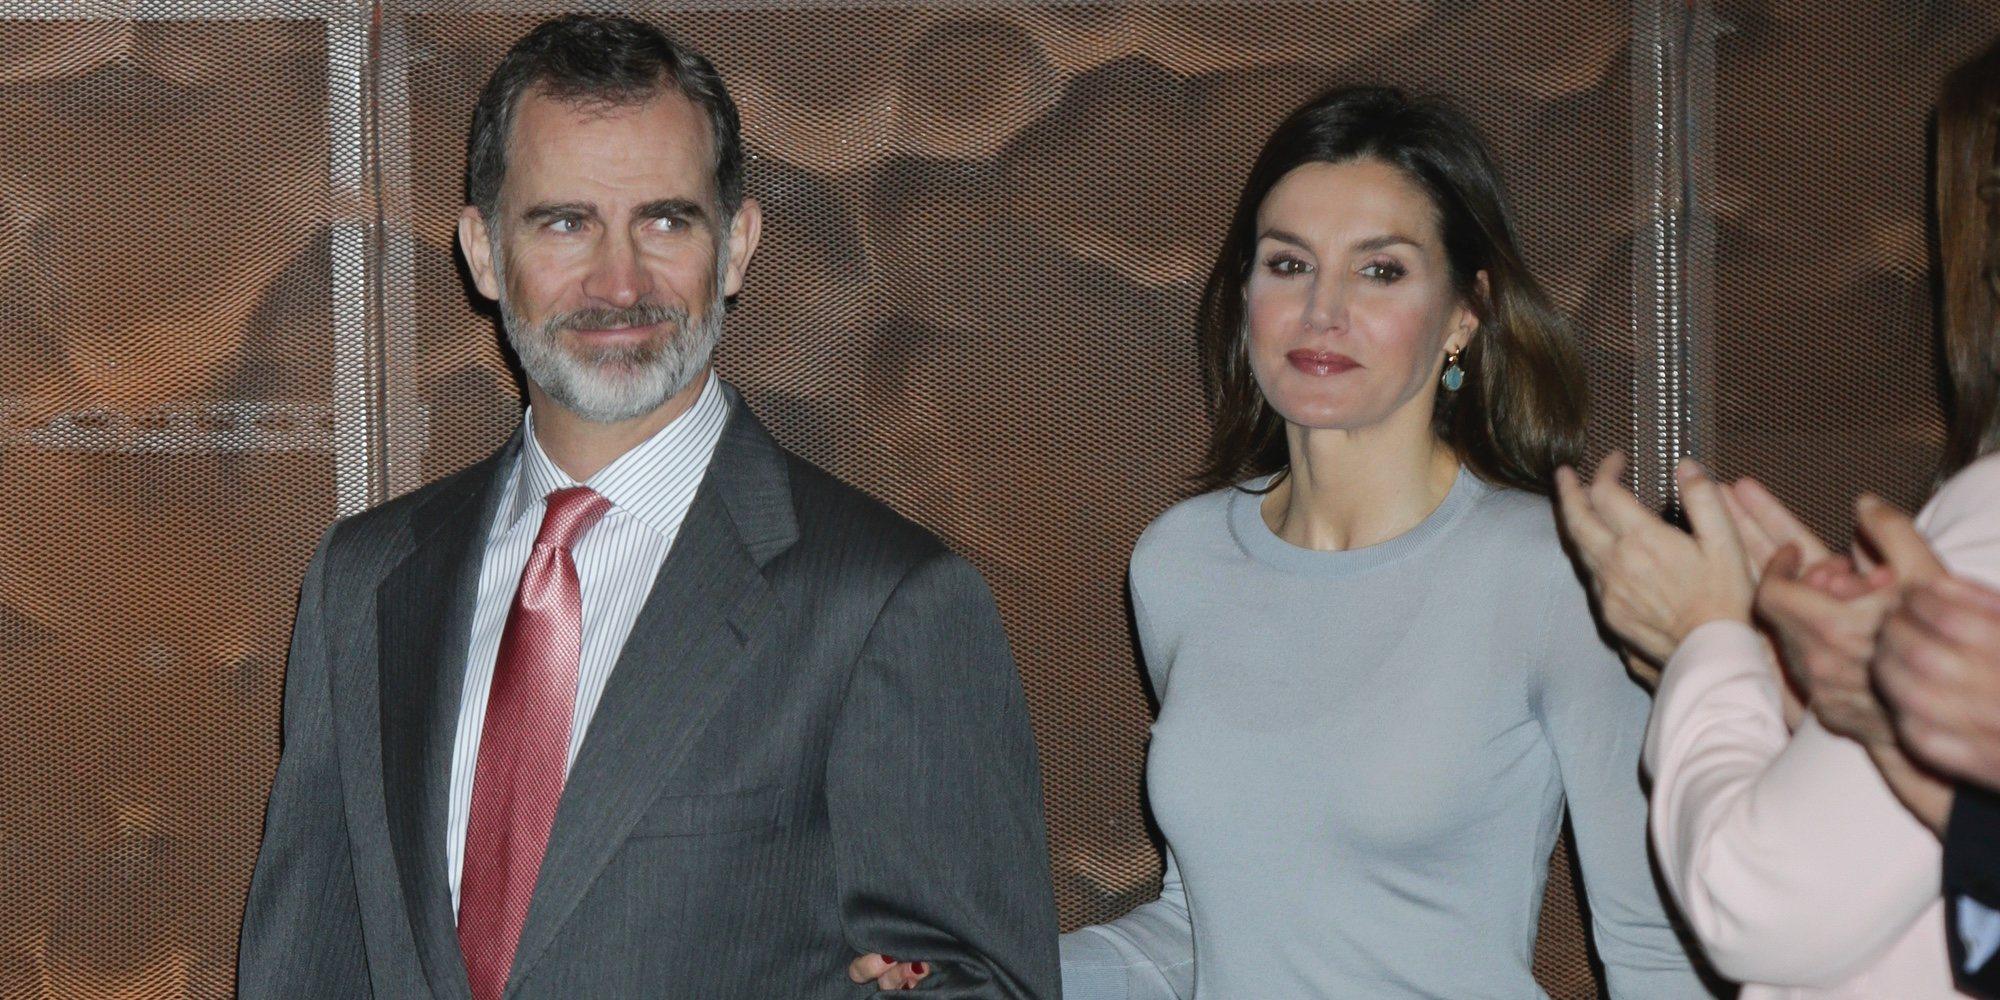 La tensión entre el Rey Felipe y la Reina Letizia tras el desplante a la Reina Sofía